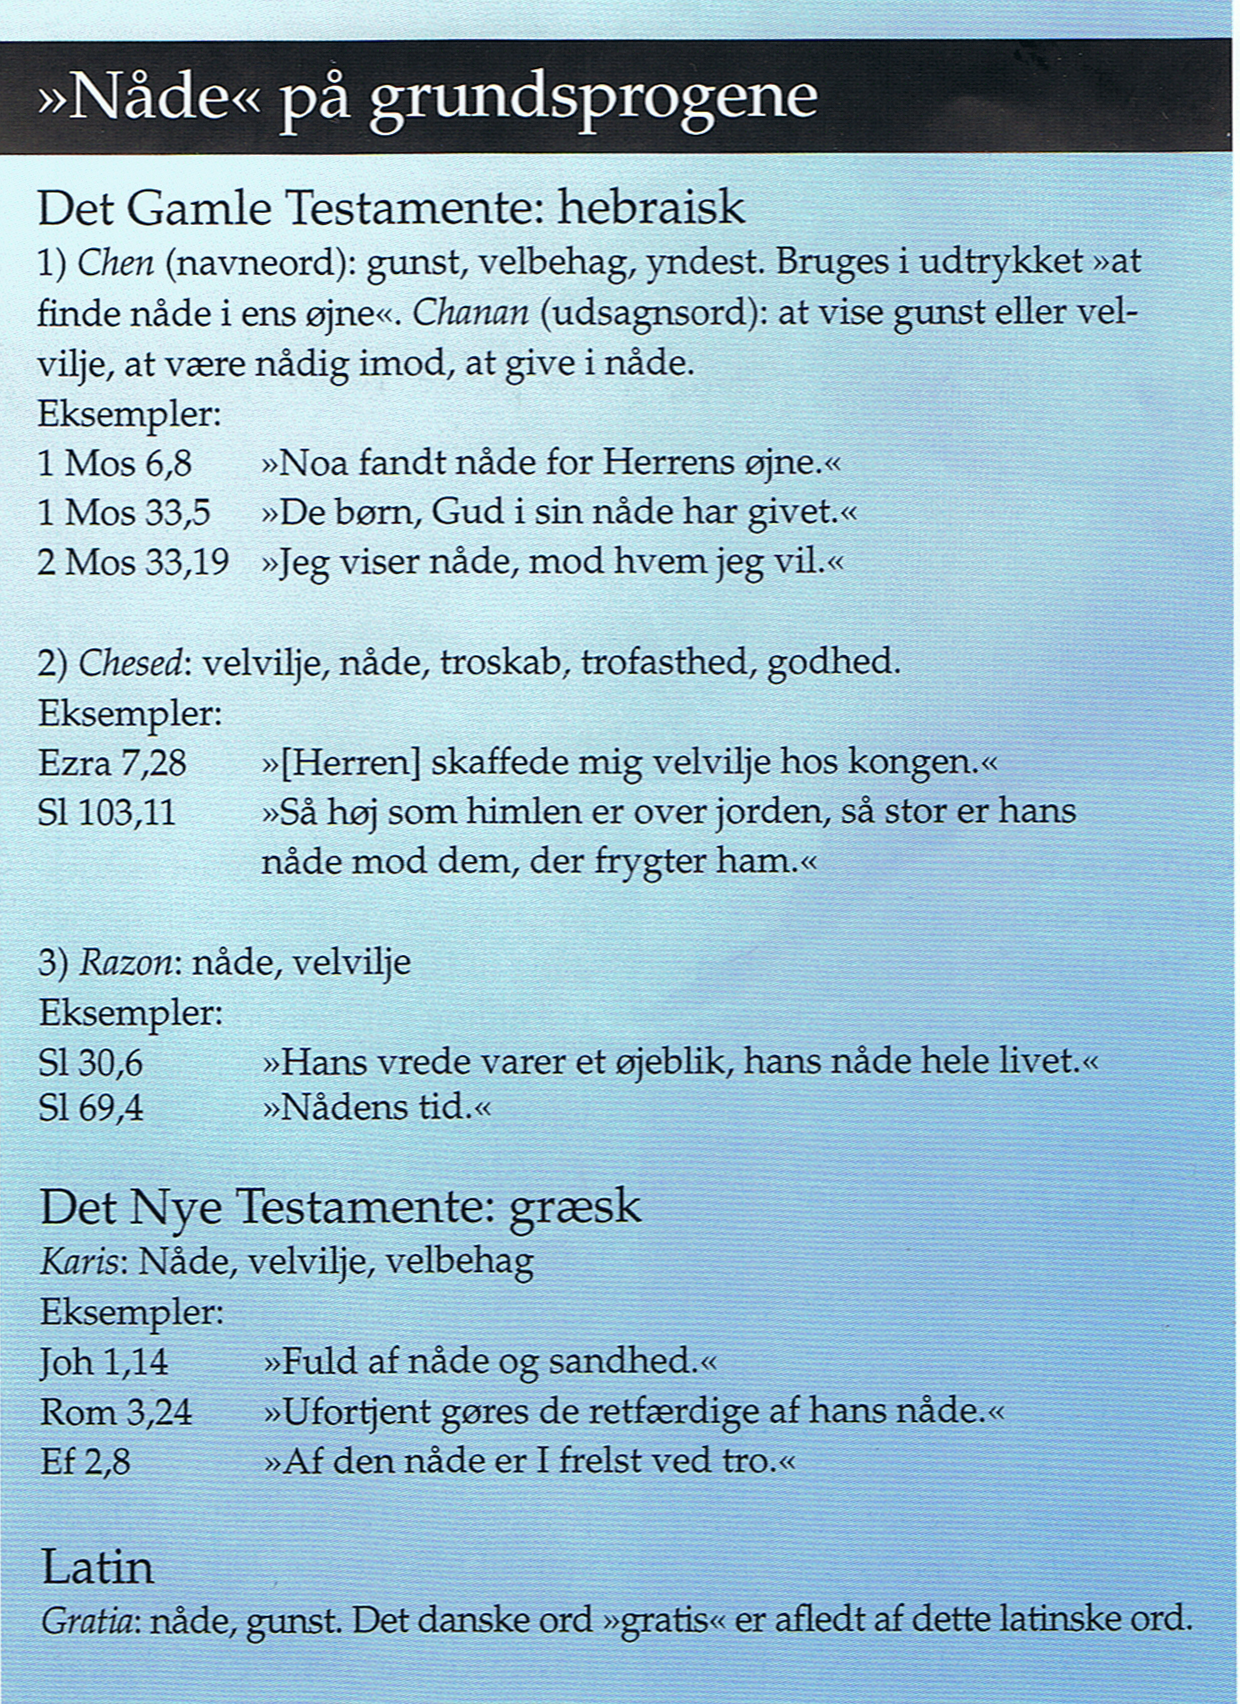 latinsk ord for gud